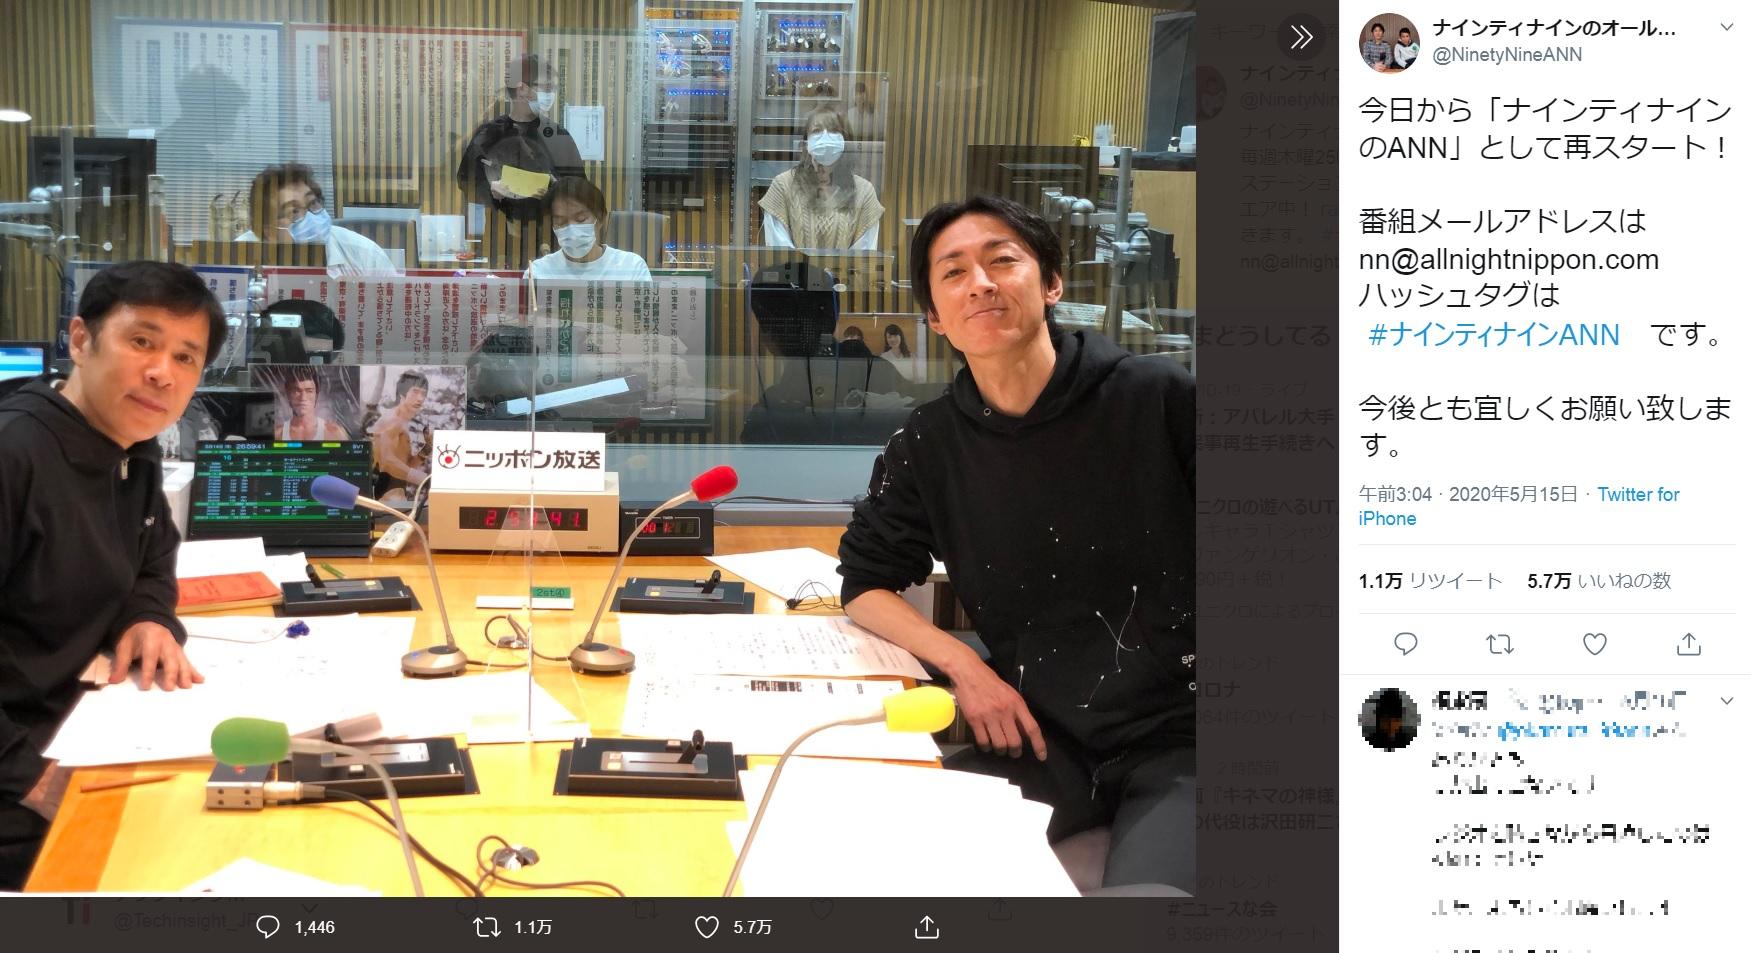 『ナインティナインのオールナイトニッポン』が復活(画像は『ナインティナインのオールナイトニッポン【公式】 2020年5月15日付Twitter「今日から「ナインティナインのANN」として再スタート!」』のスクリーンショット)